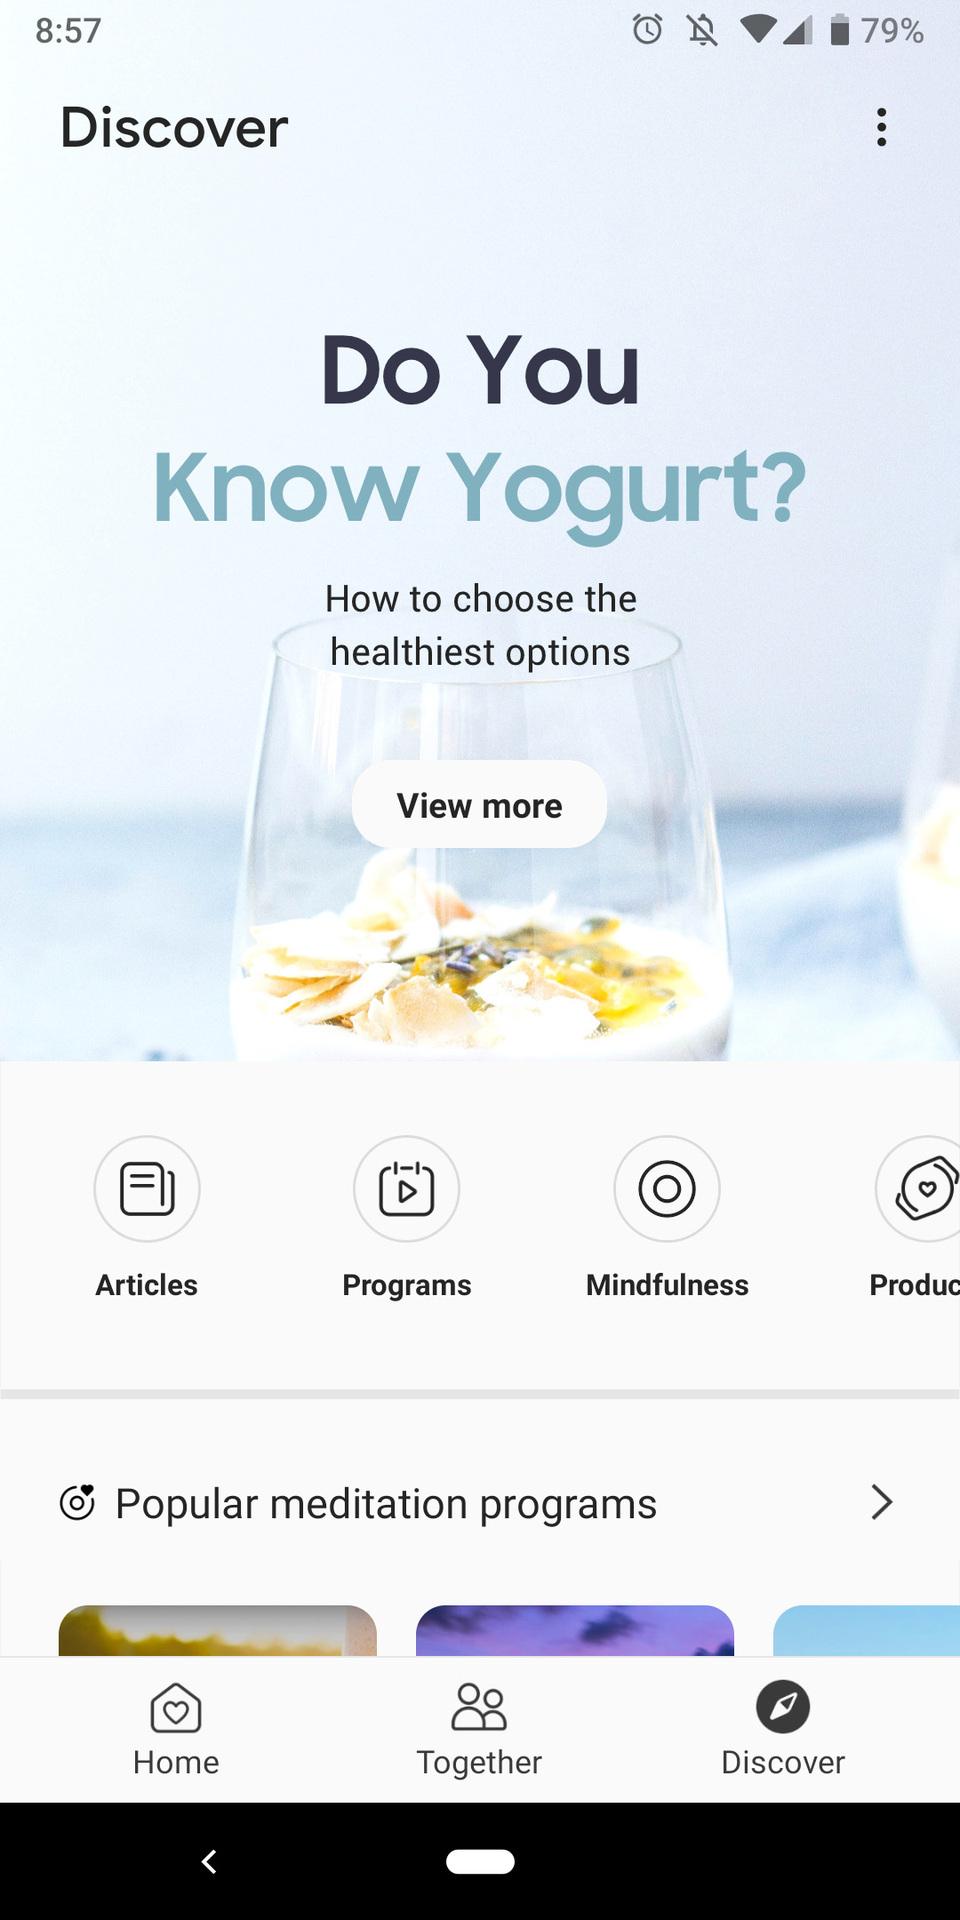 samsung health app discover